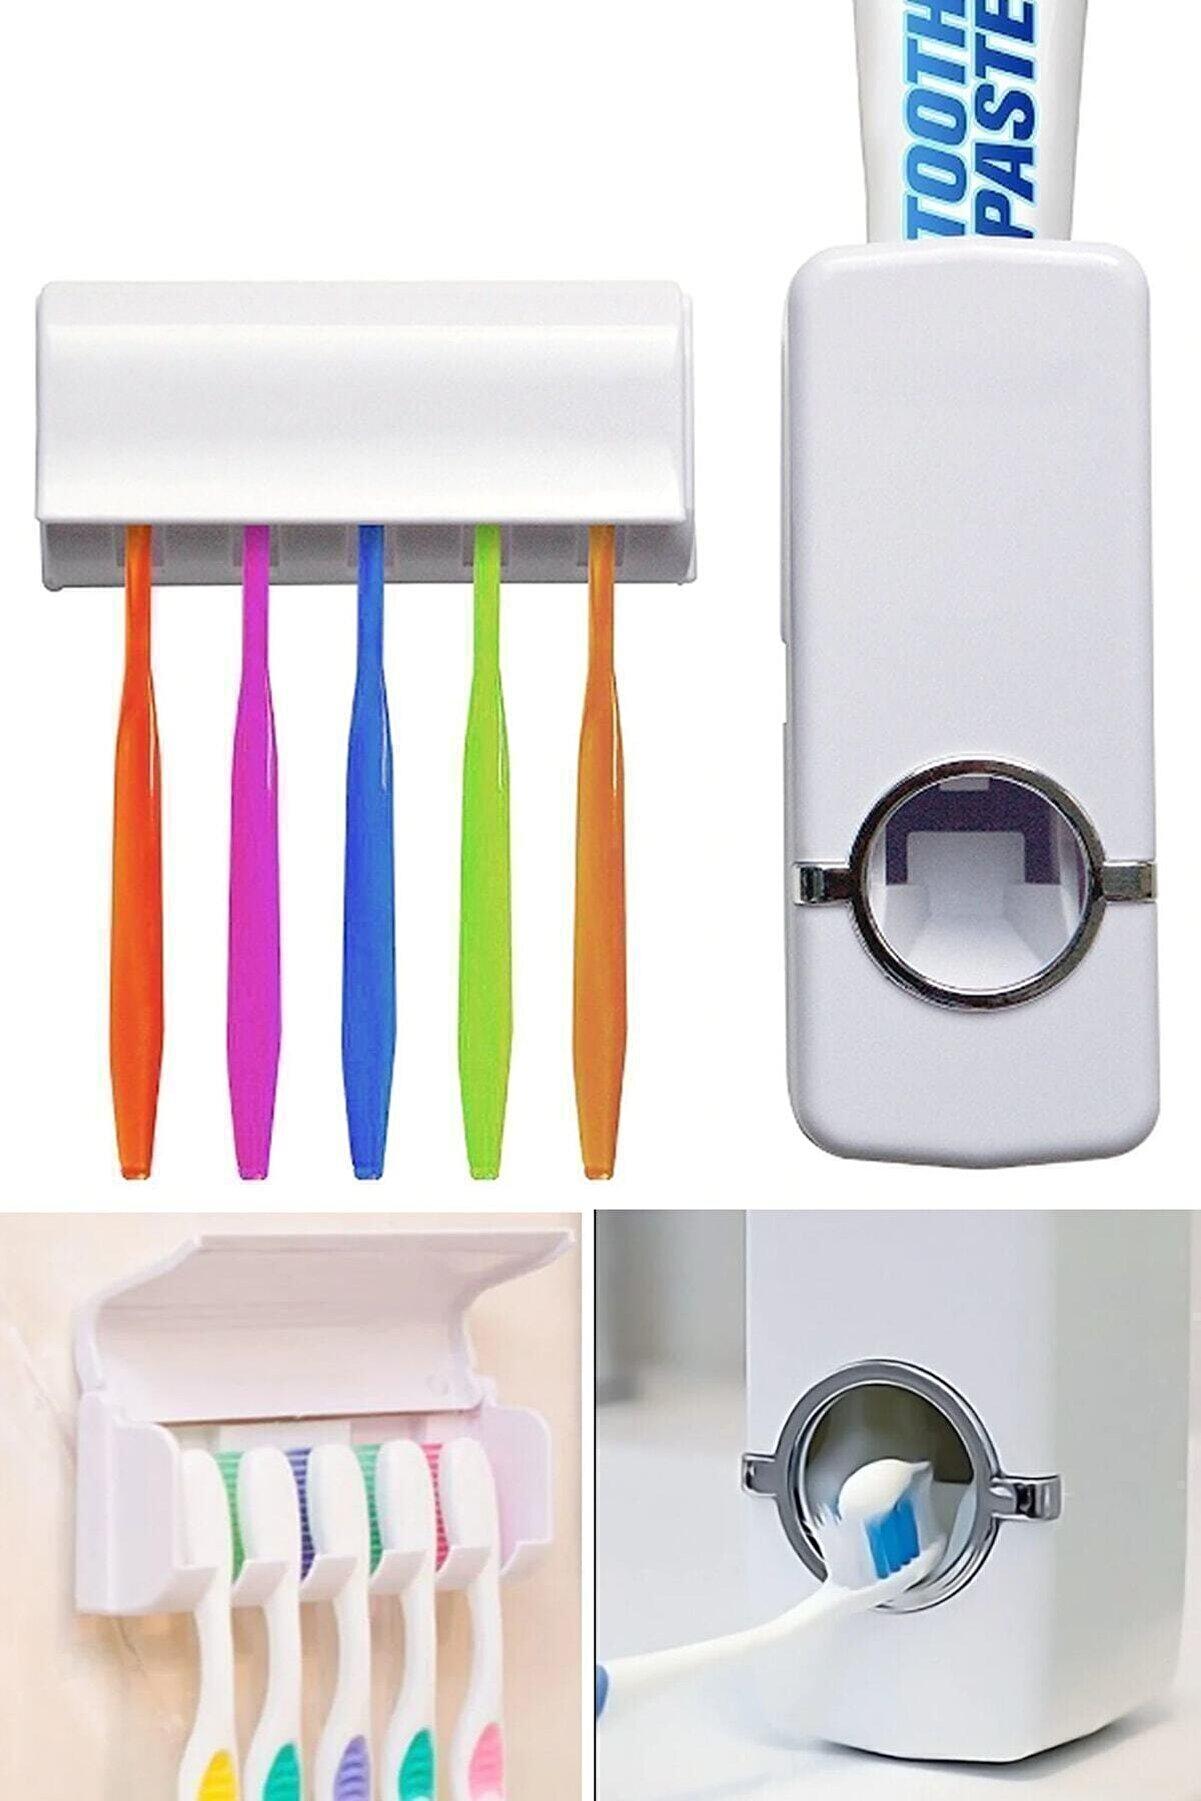 Kitchen Beauty Diş Macunu Sıkacağı Diş Fırçalığı Diş Fırçası Tutuculu 5 Adet